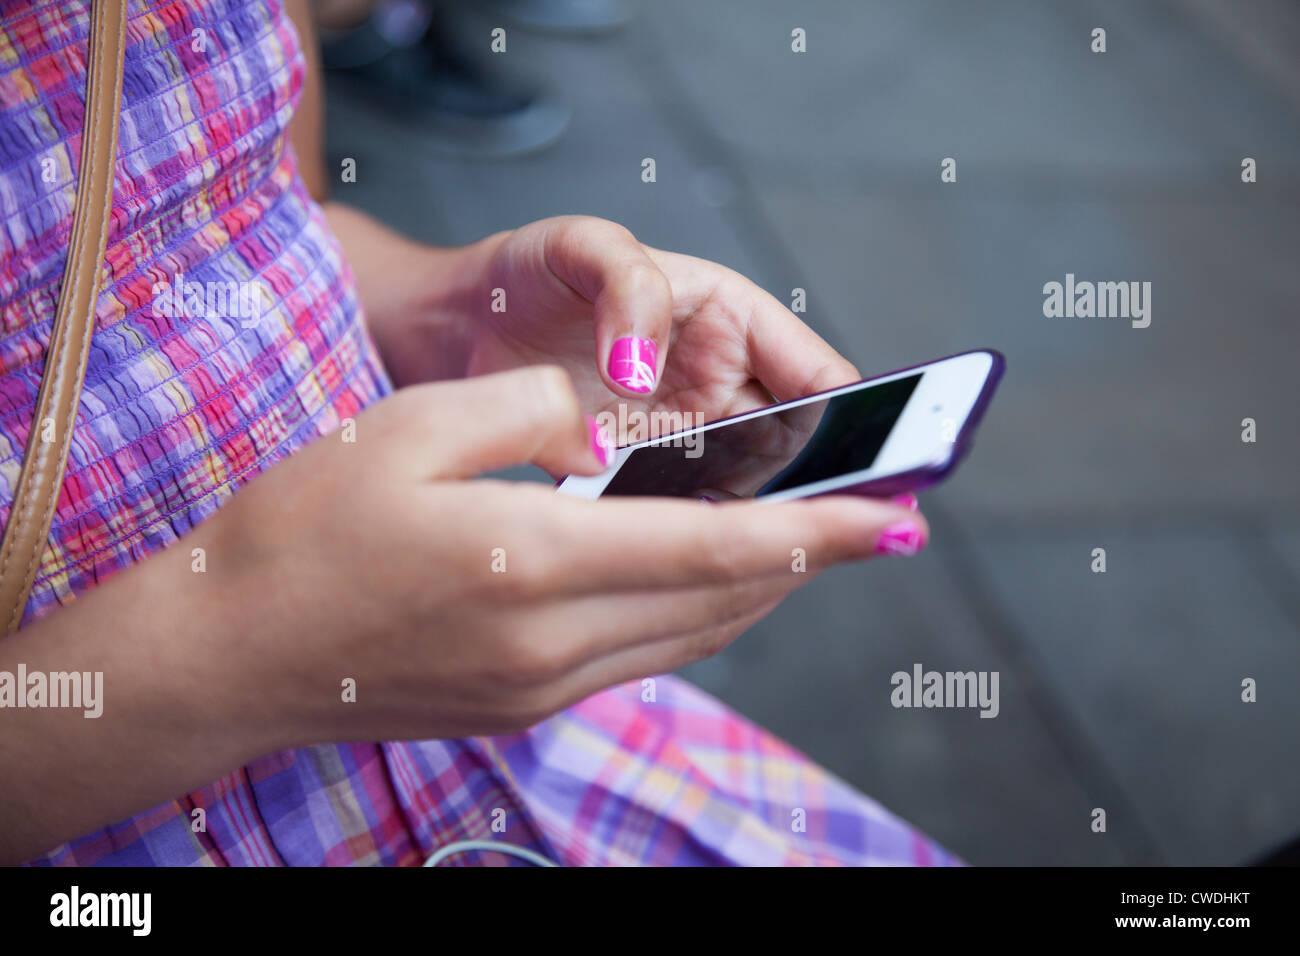 Ragazza giovane,con unghie verniciate invia messaggio sul touch screen smart phone-close-up Foto Stock